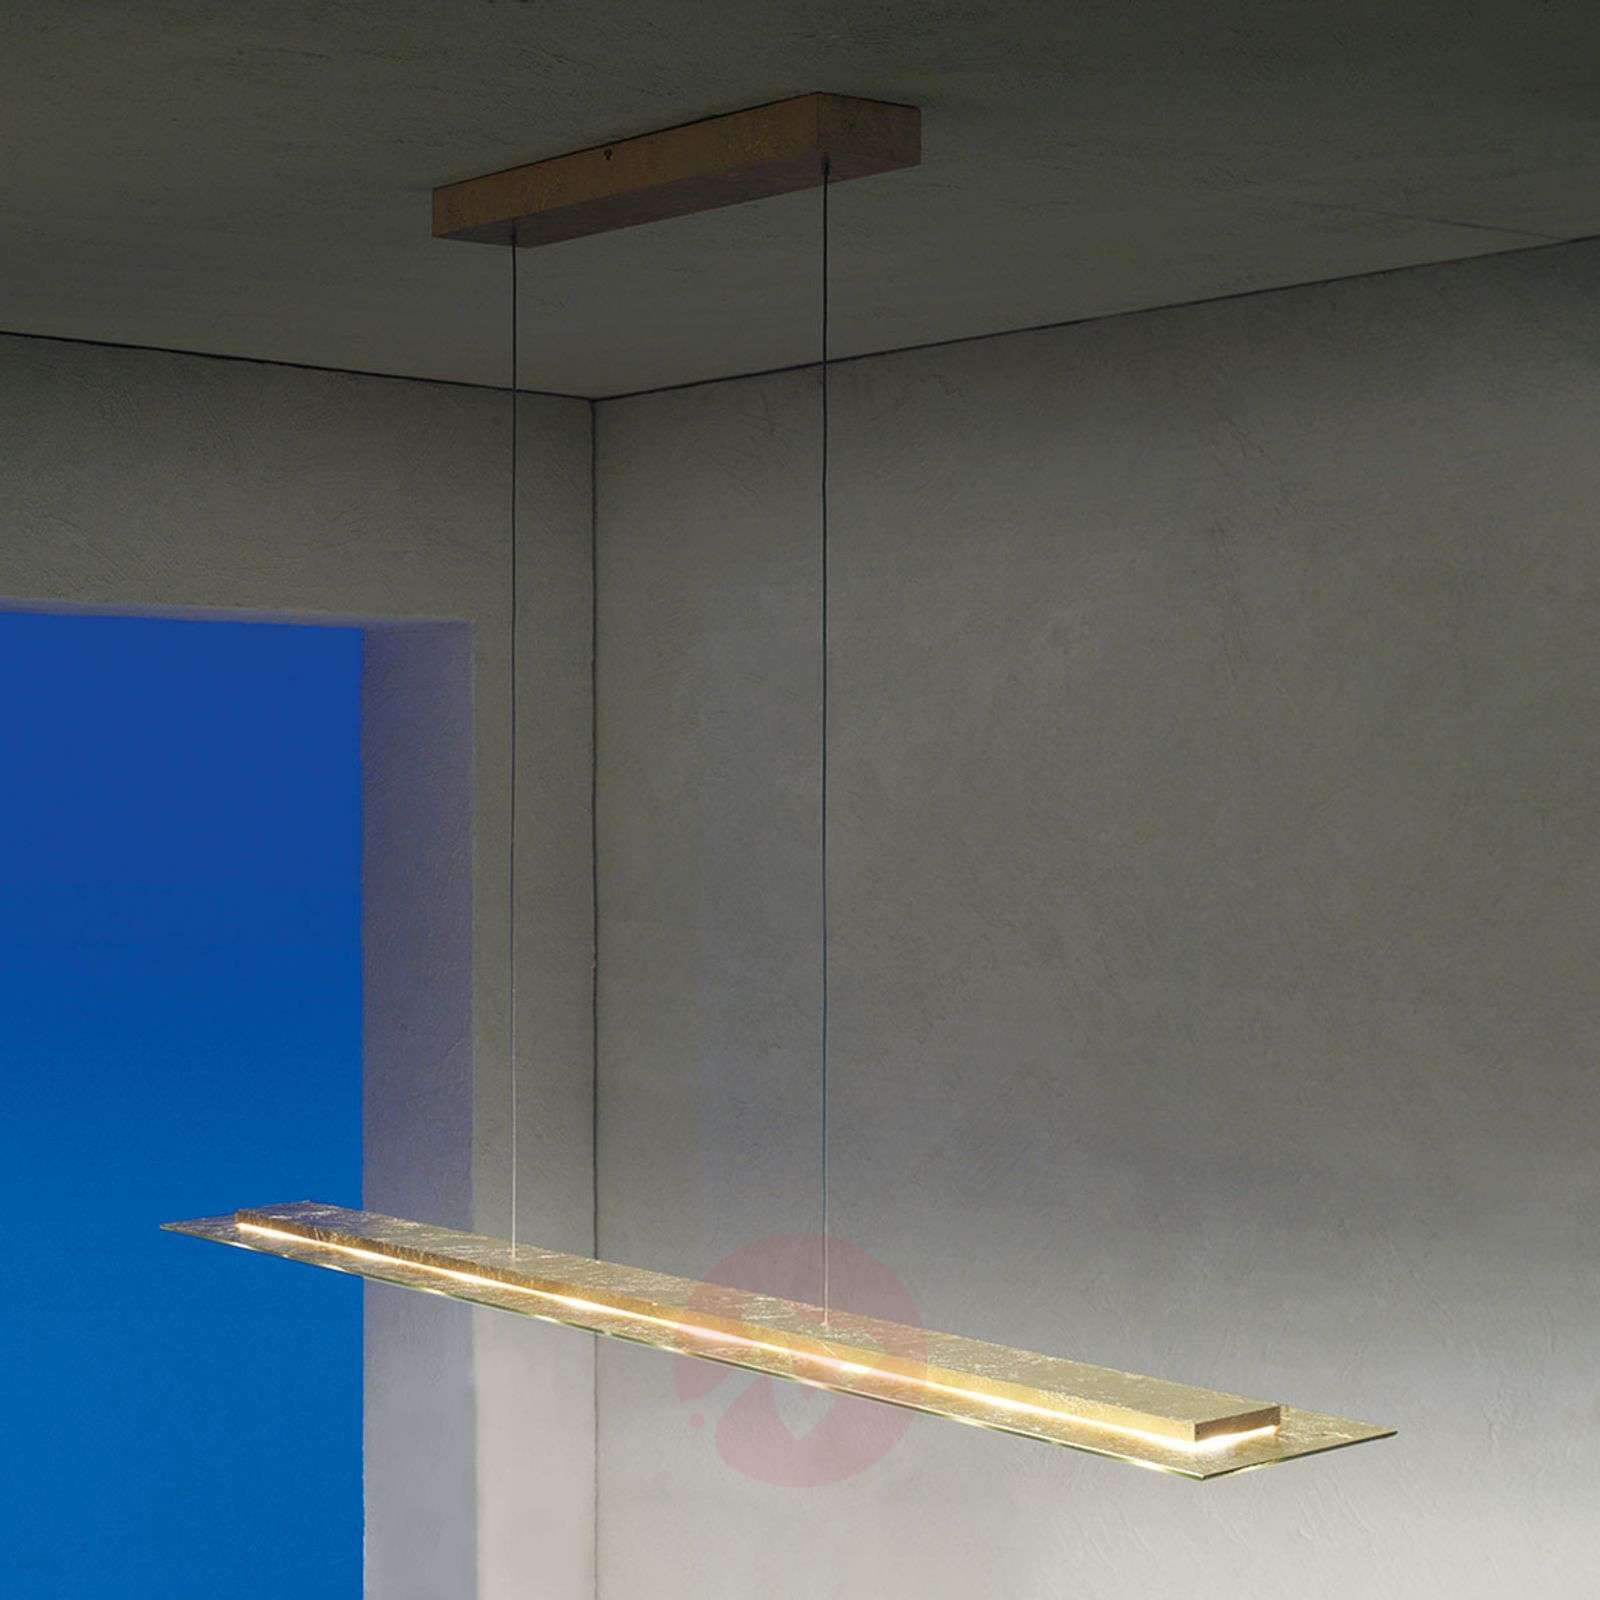 Himmennettävä LED-riippuvalo Skyline, lehtikulta-3051031-01